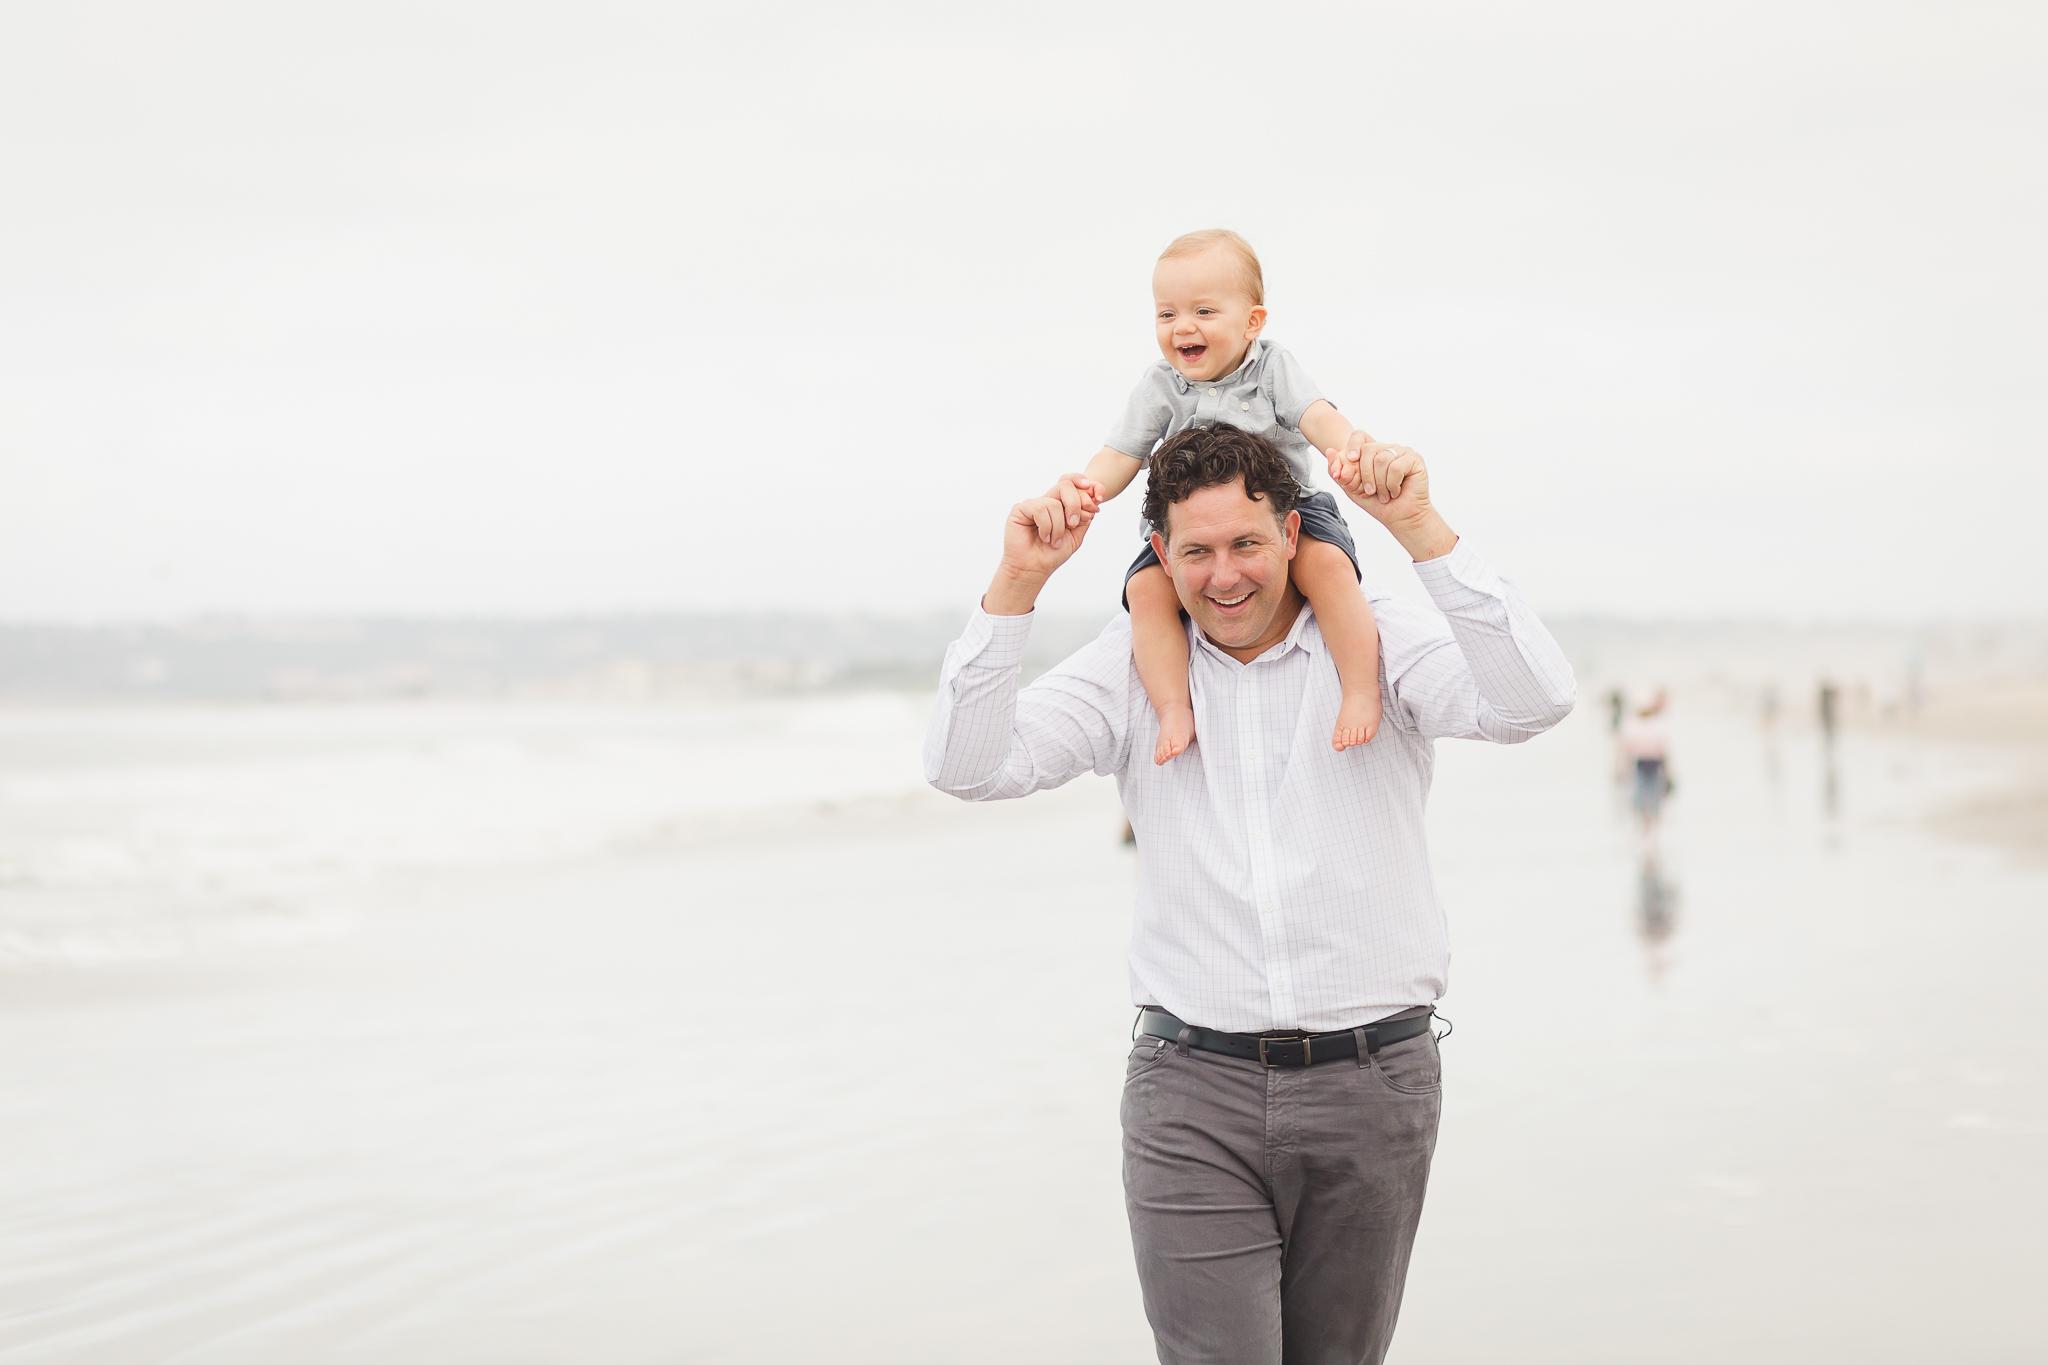 Coronado-Family-Photographer-Vacation-Photos-WS-33.jpg